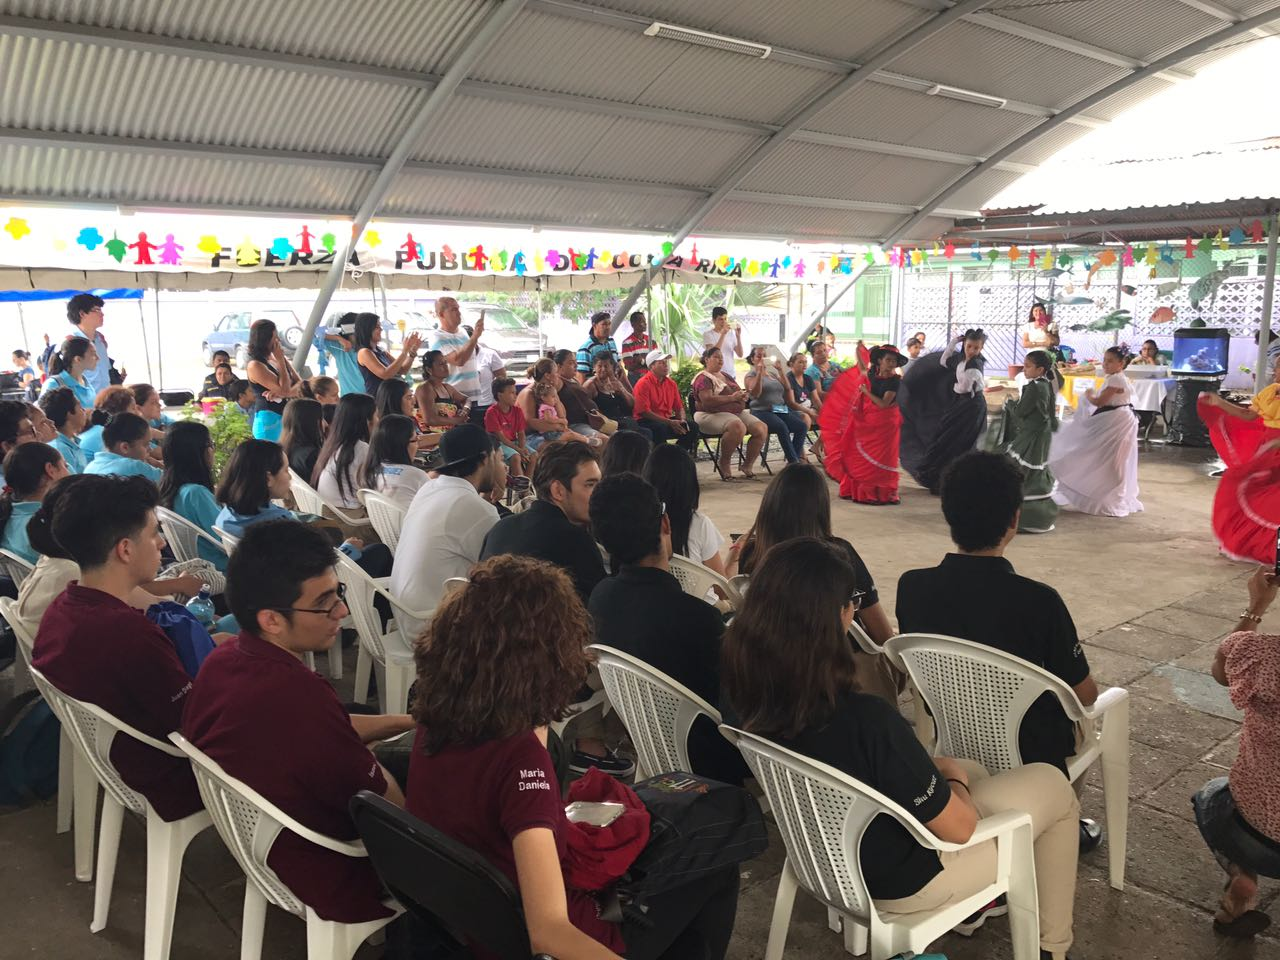 El grupo Danzarte participó en el simposio, una iniciativa en la que participan estudiantes de diferentes carreras, y con el apoyo de Acción Social. Foto: Hazel González.